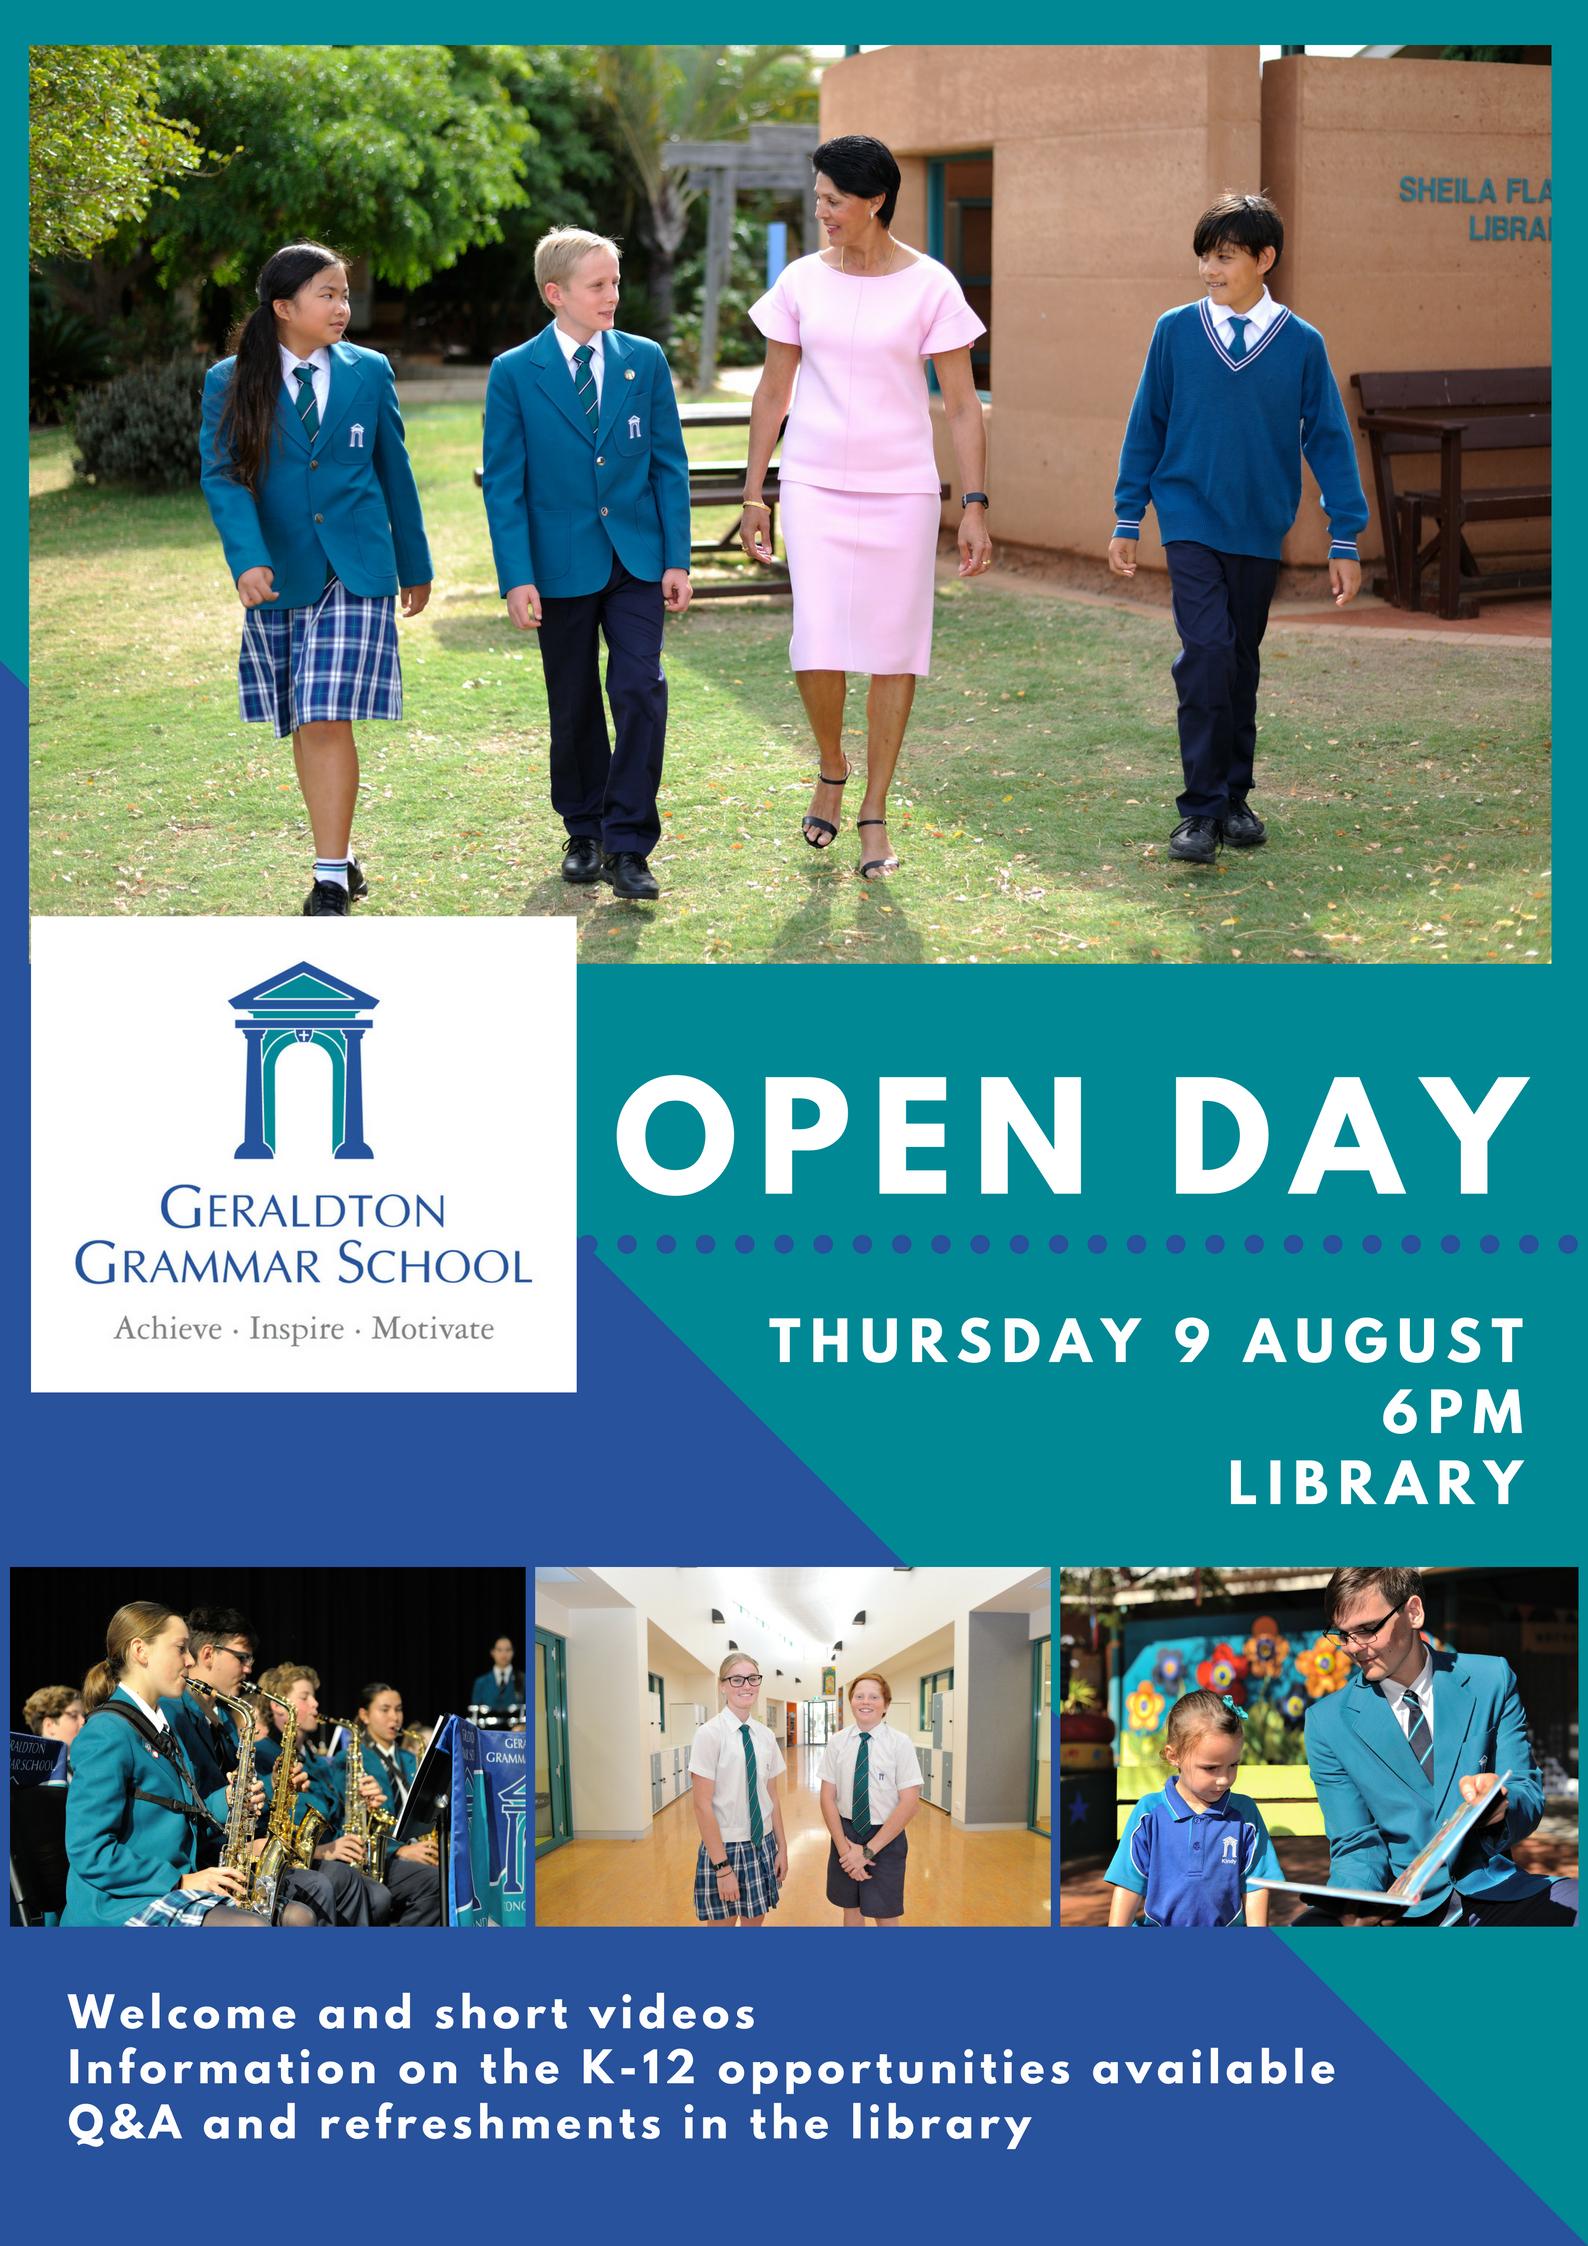 Open day poster.jpg